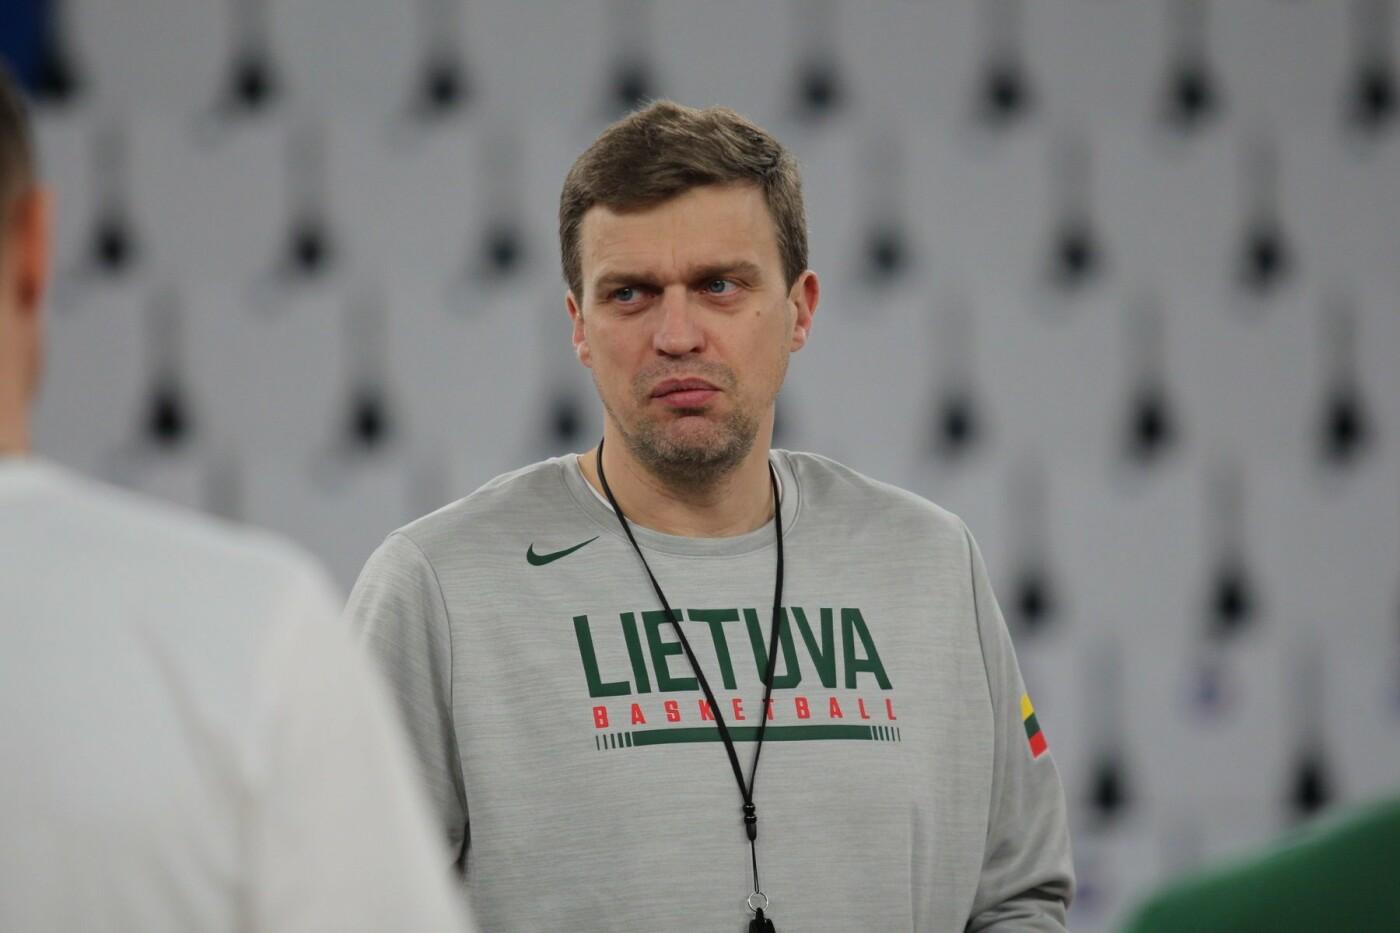 Lietuvos vyrų krepšinio rinktinė surengė vienintelę treniruotę Italijoje, nuotrauka-3